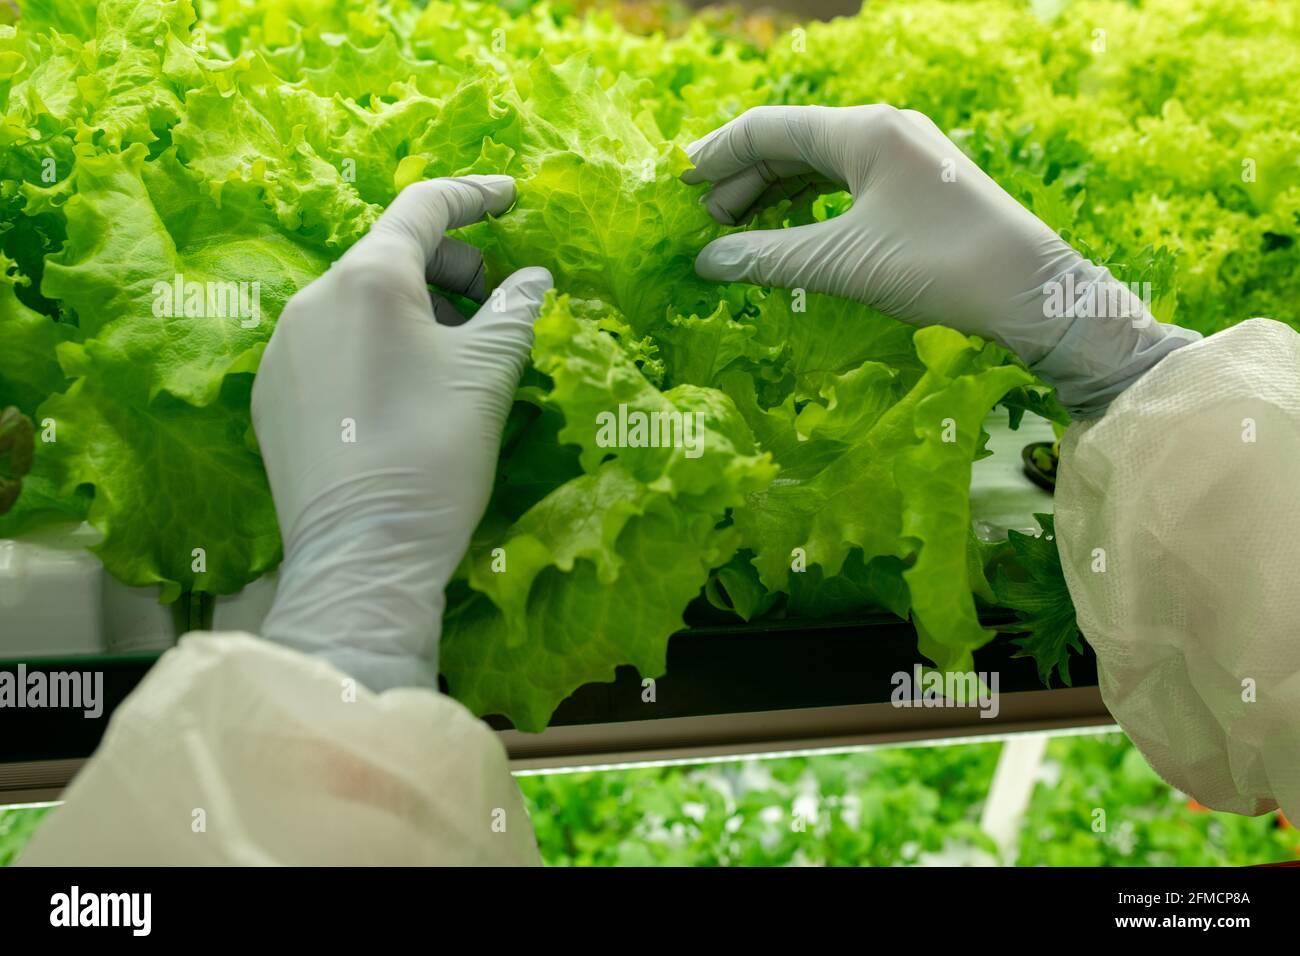 Nahaufnahme eines nicht erkennbaren Planthouse-Arbeiters in Latexhandschuhen, die das Blatt berühren Salat auf dem Regal Stockfoto